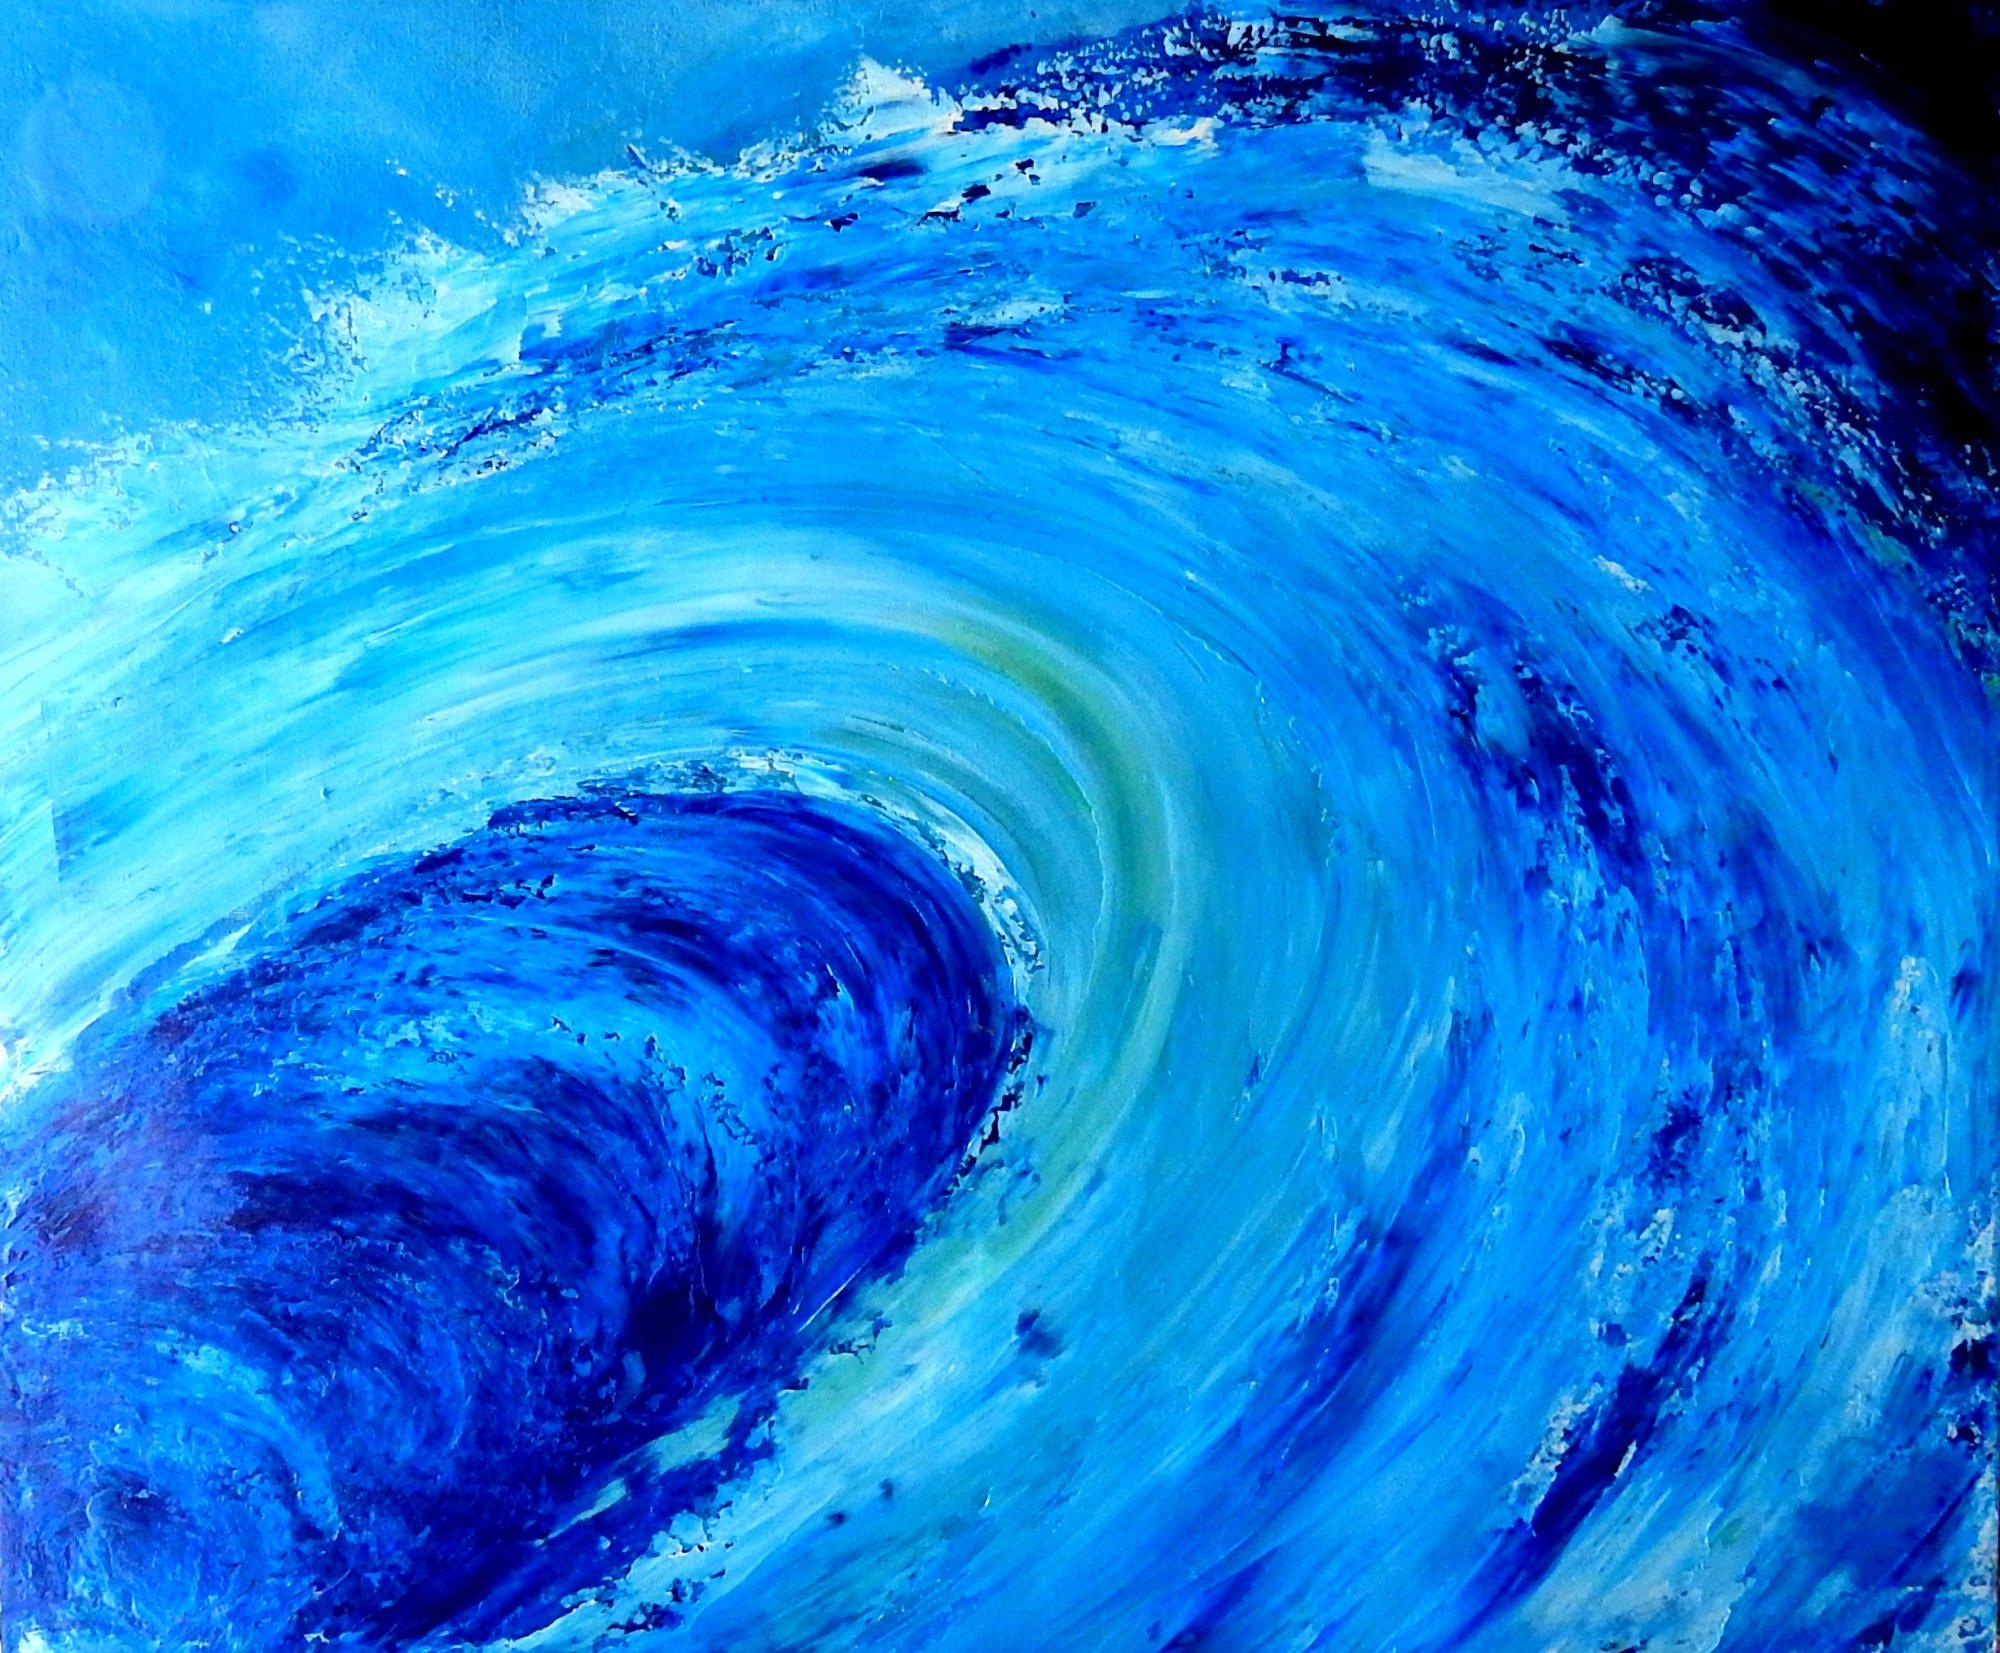 Abstract The Wave Juliehollisart